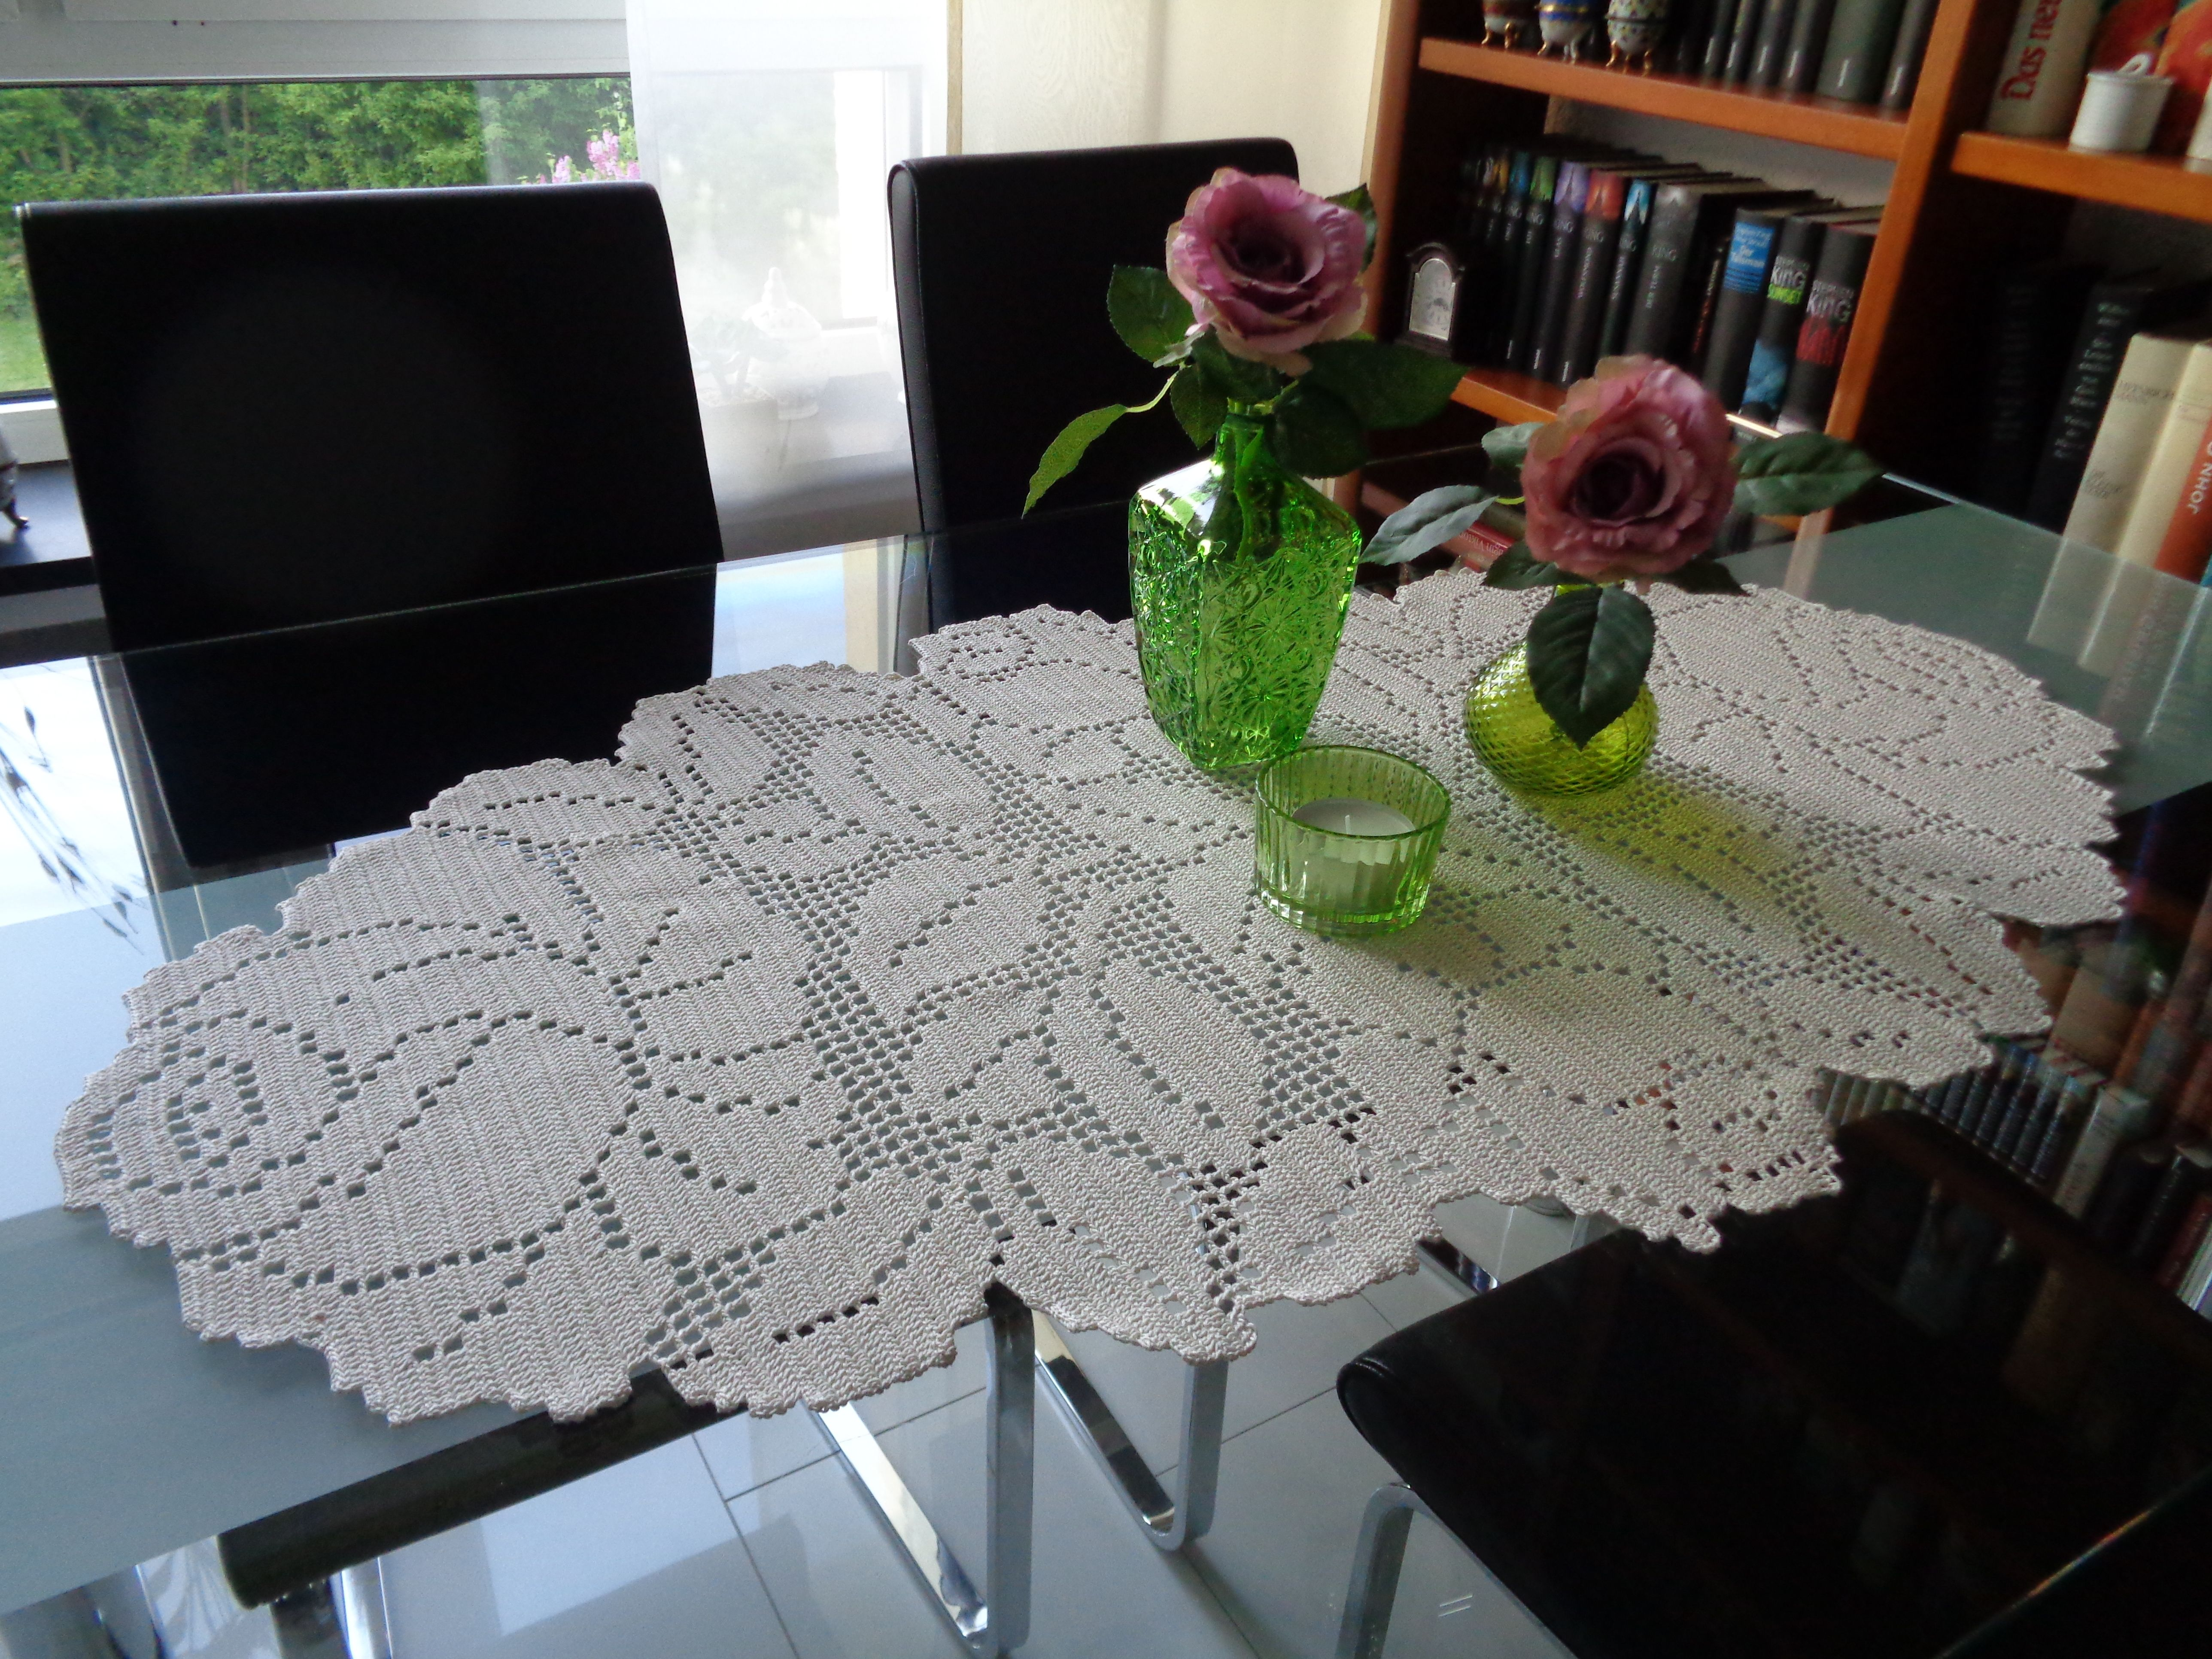 Tischläufer Tablerunner | Häkeln | Pinterest | Häkeln